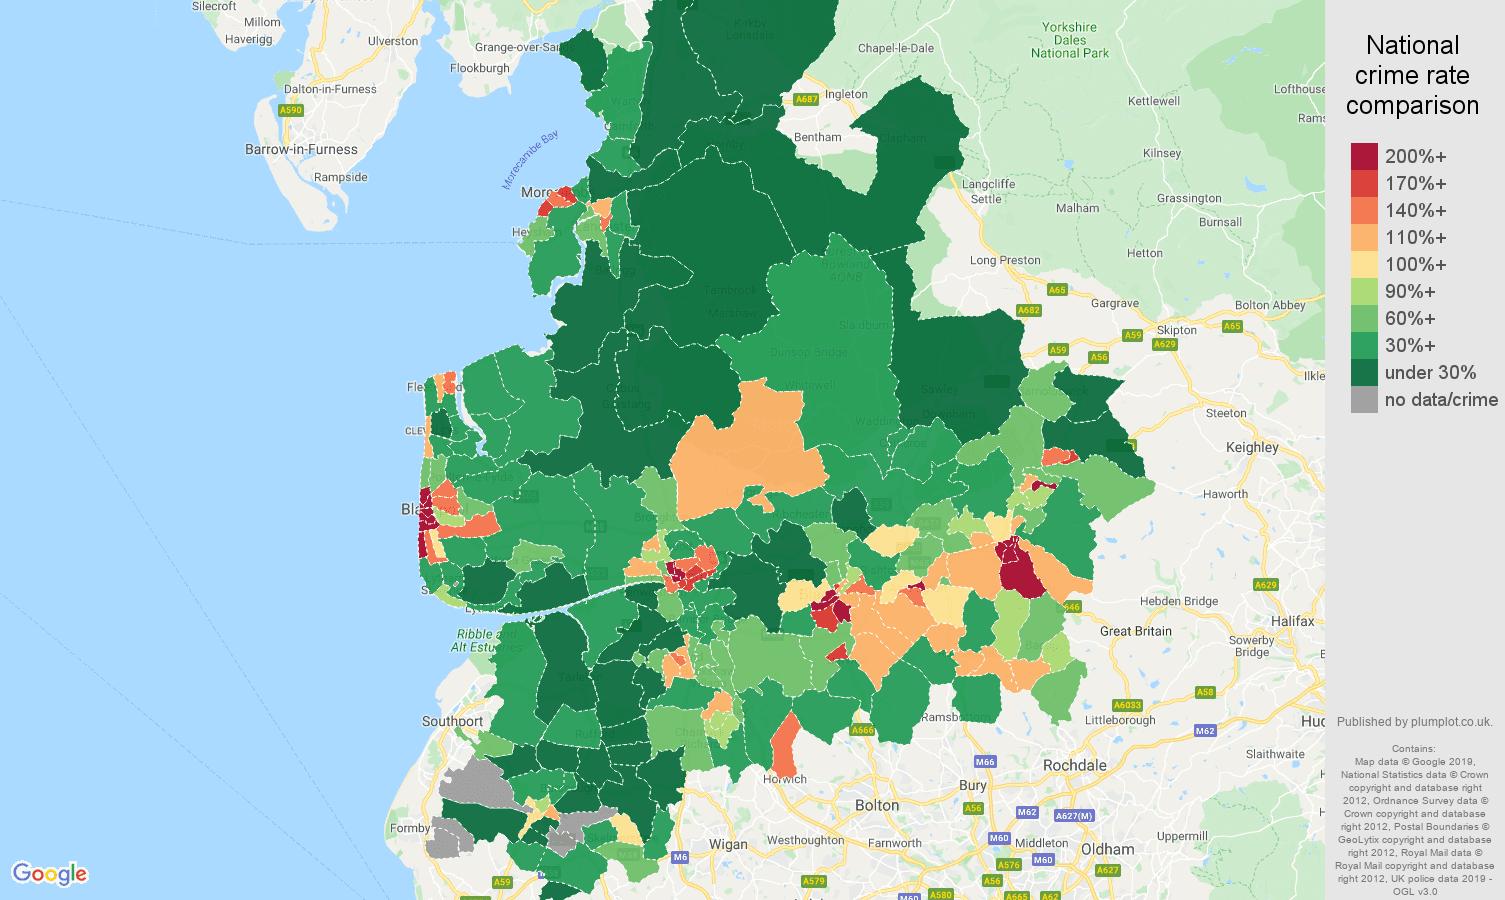 Lancashire public order crime rate comparison map